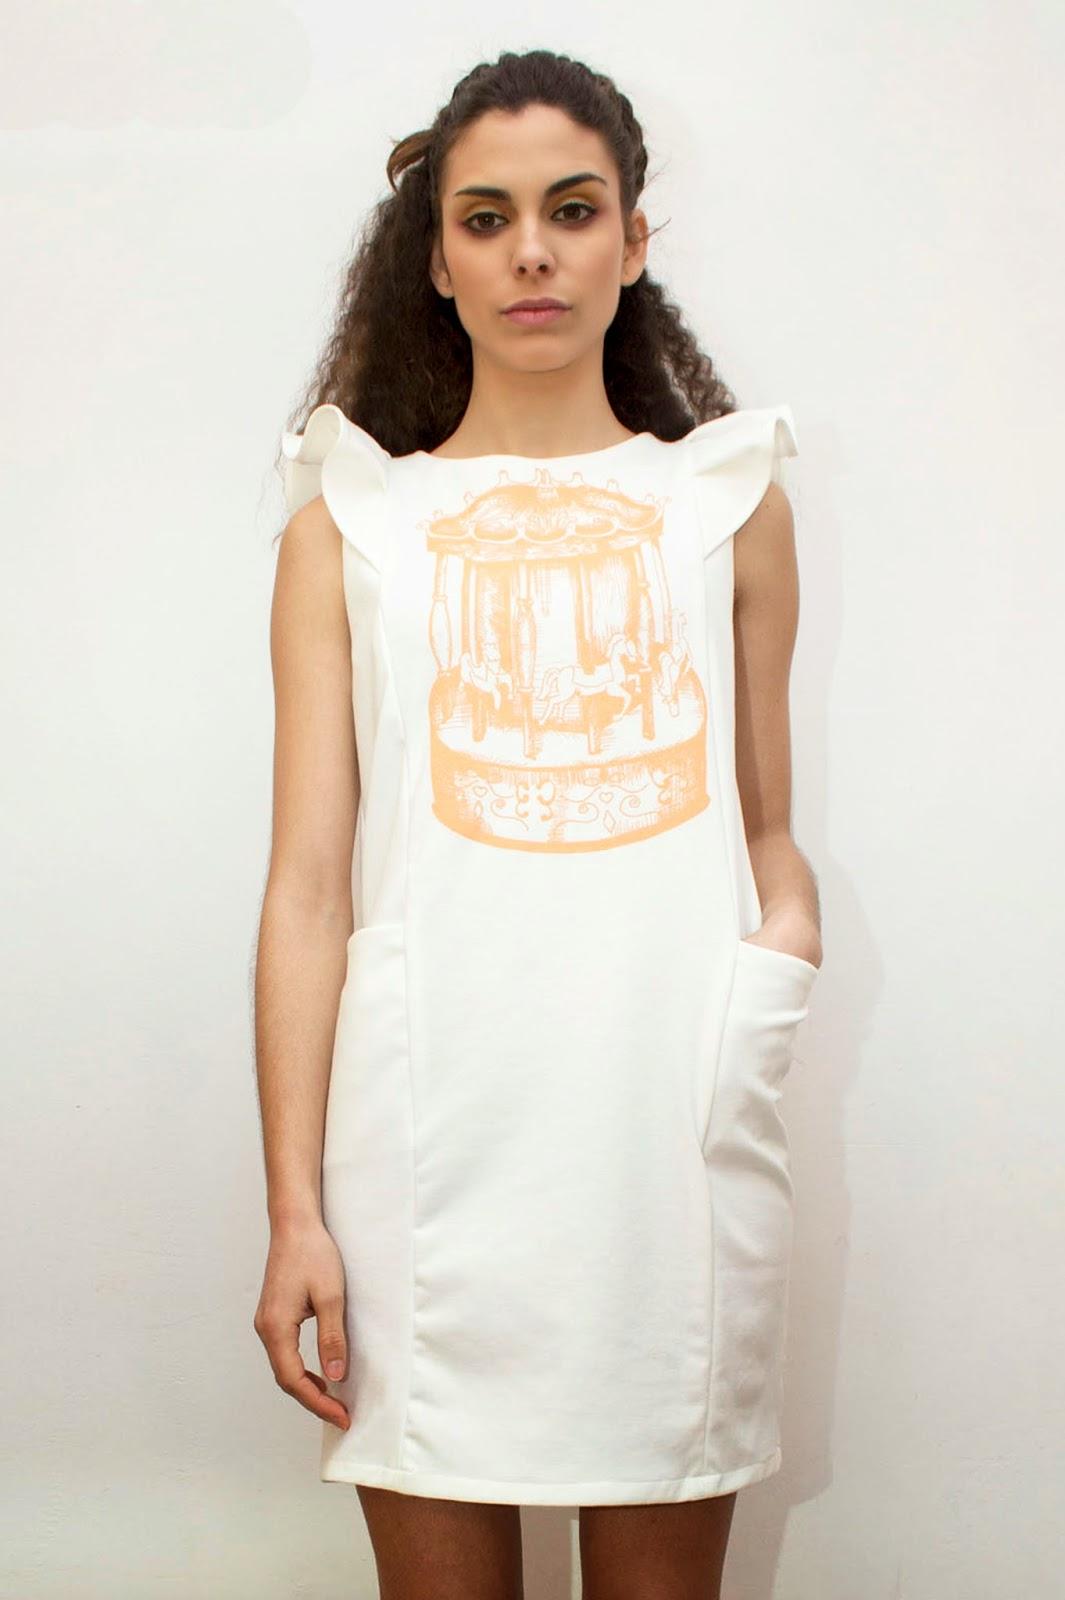 http://labocoqueshop.bigcartel.com/product/vestido-carrousel-blanco#.U3pQrHa1vA4